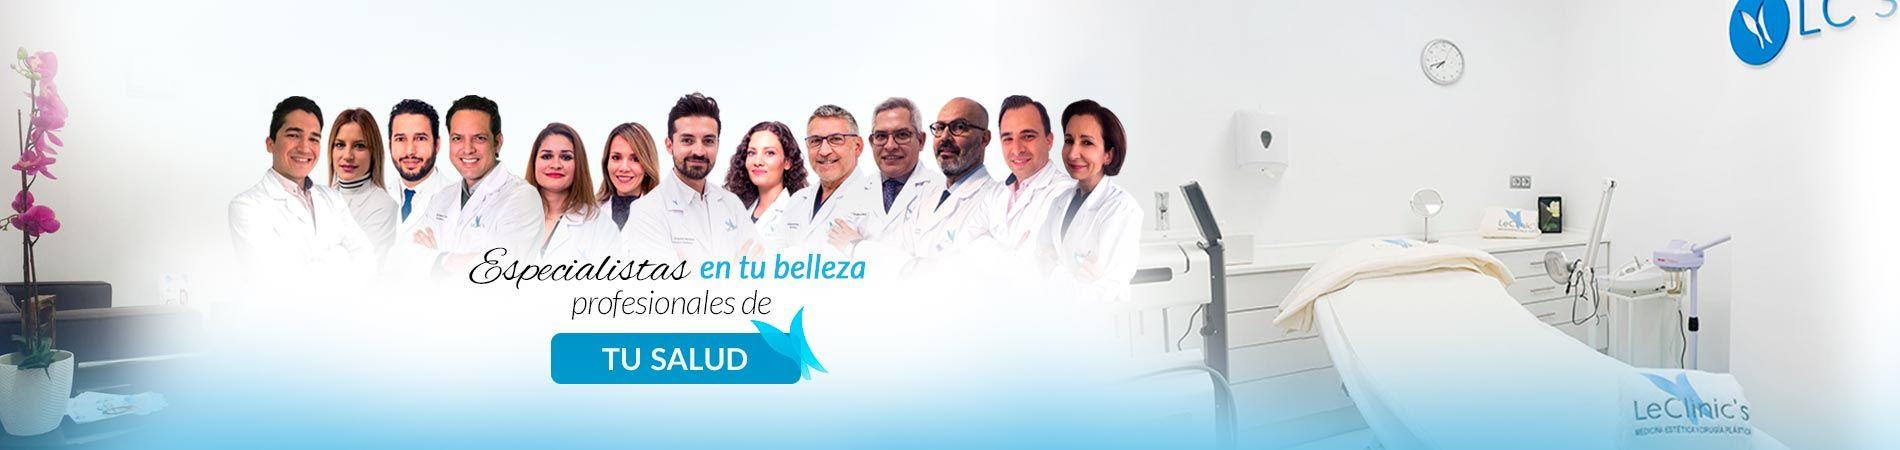 Doctores de LC's